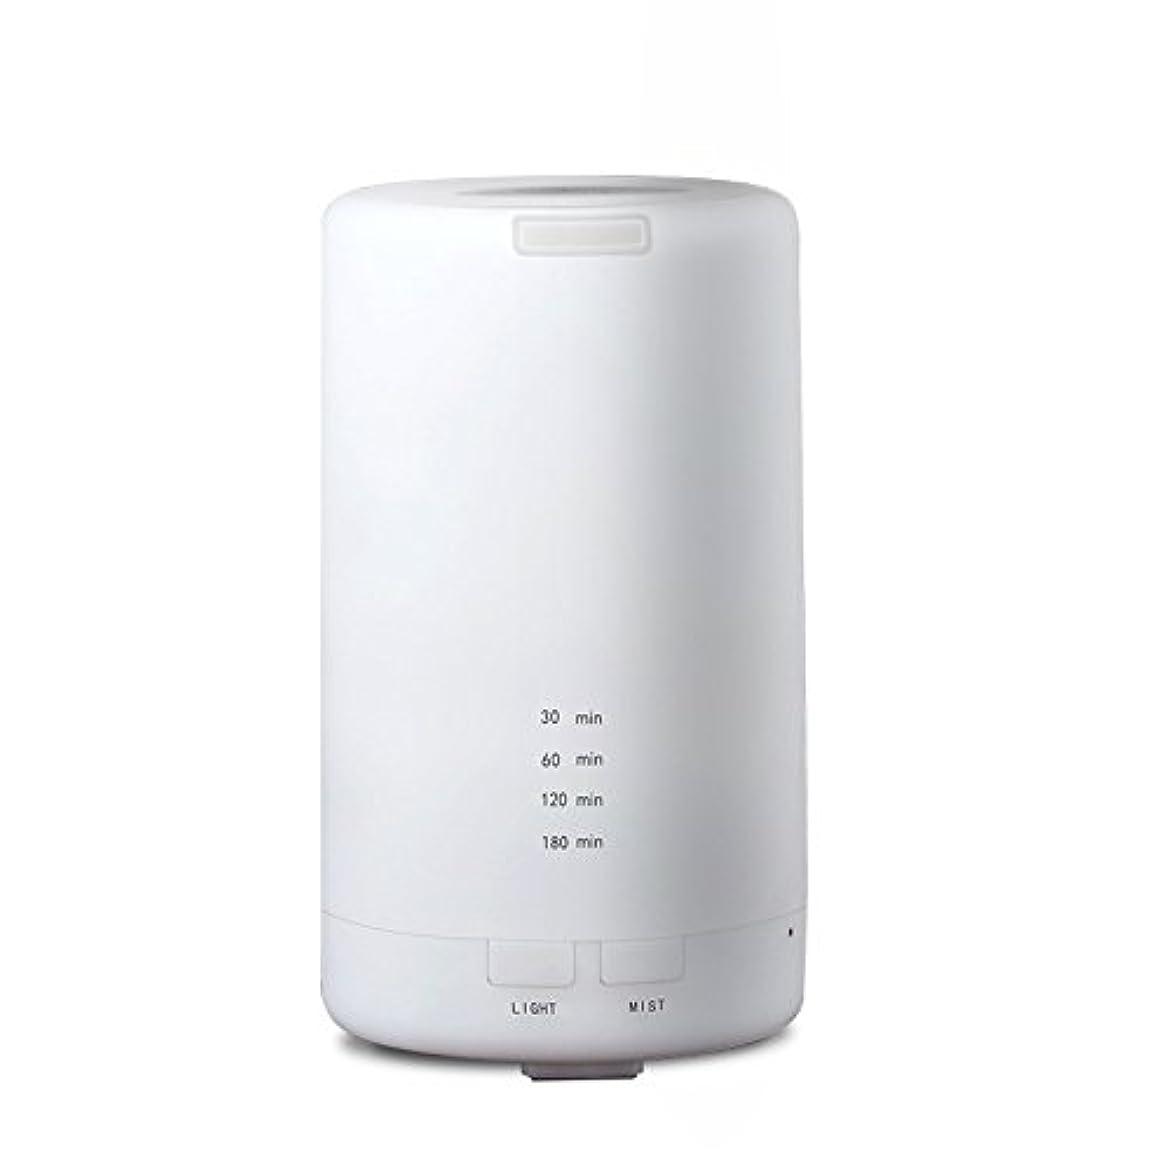 政治家ロックRaiFu アロマディフューザー 70ml 加湿器 アロマテラピー浄化器 3タイマーモード LEDナイトライト USB充電